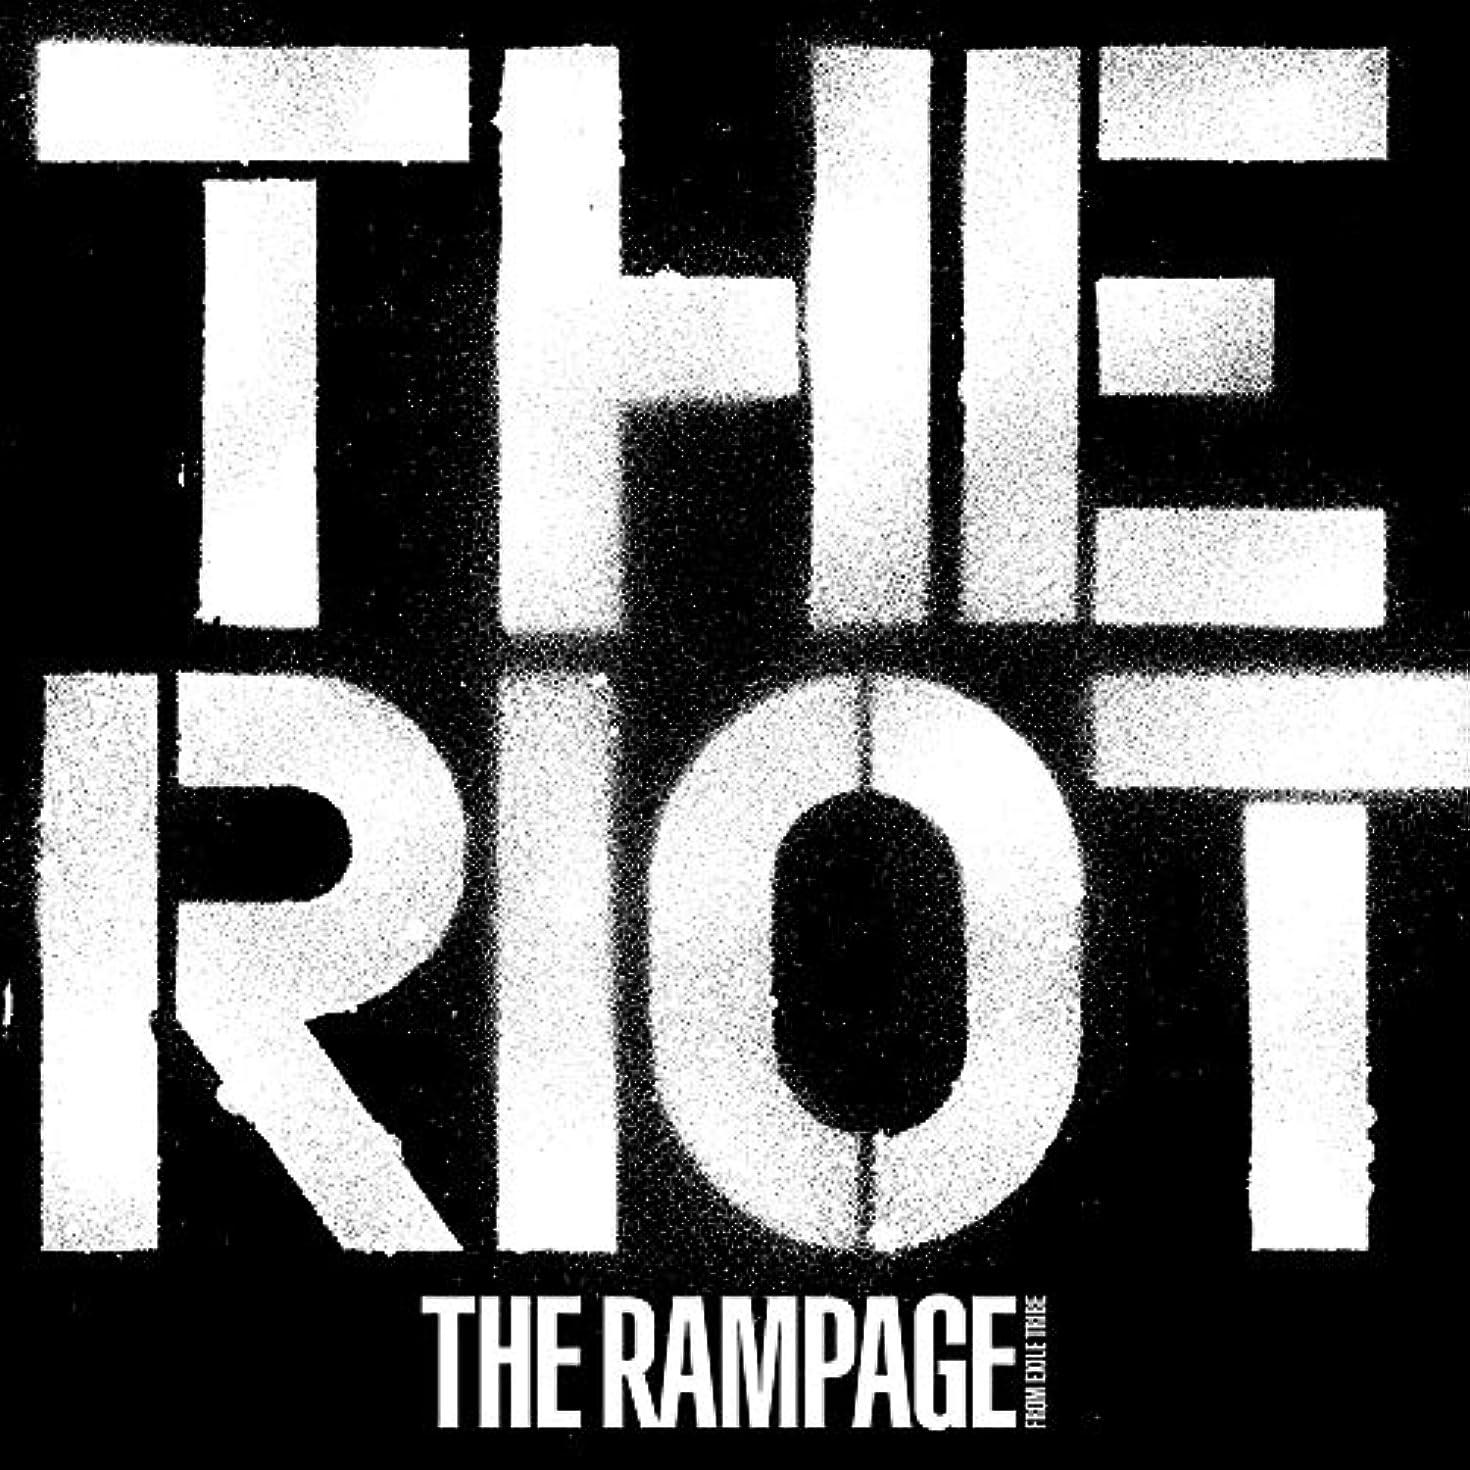 特徴ダイヤル敗北THE RIOT(CD+Blu-ray Disc)